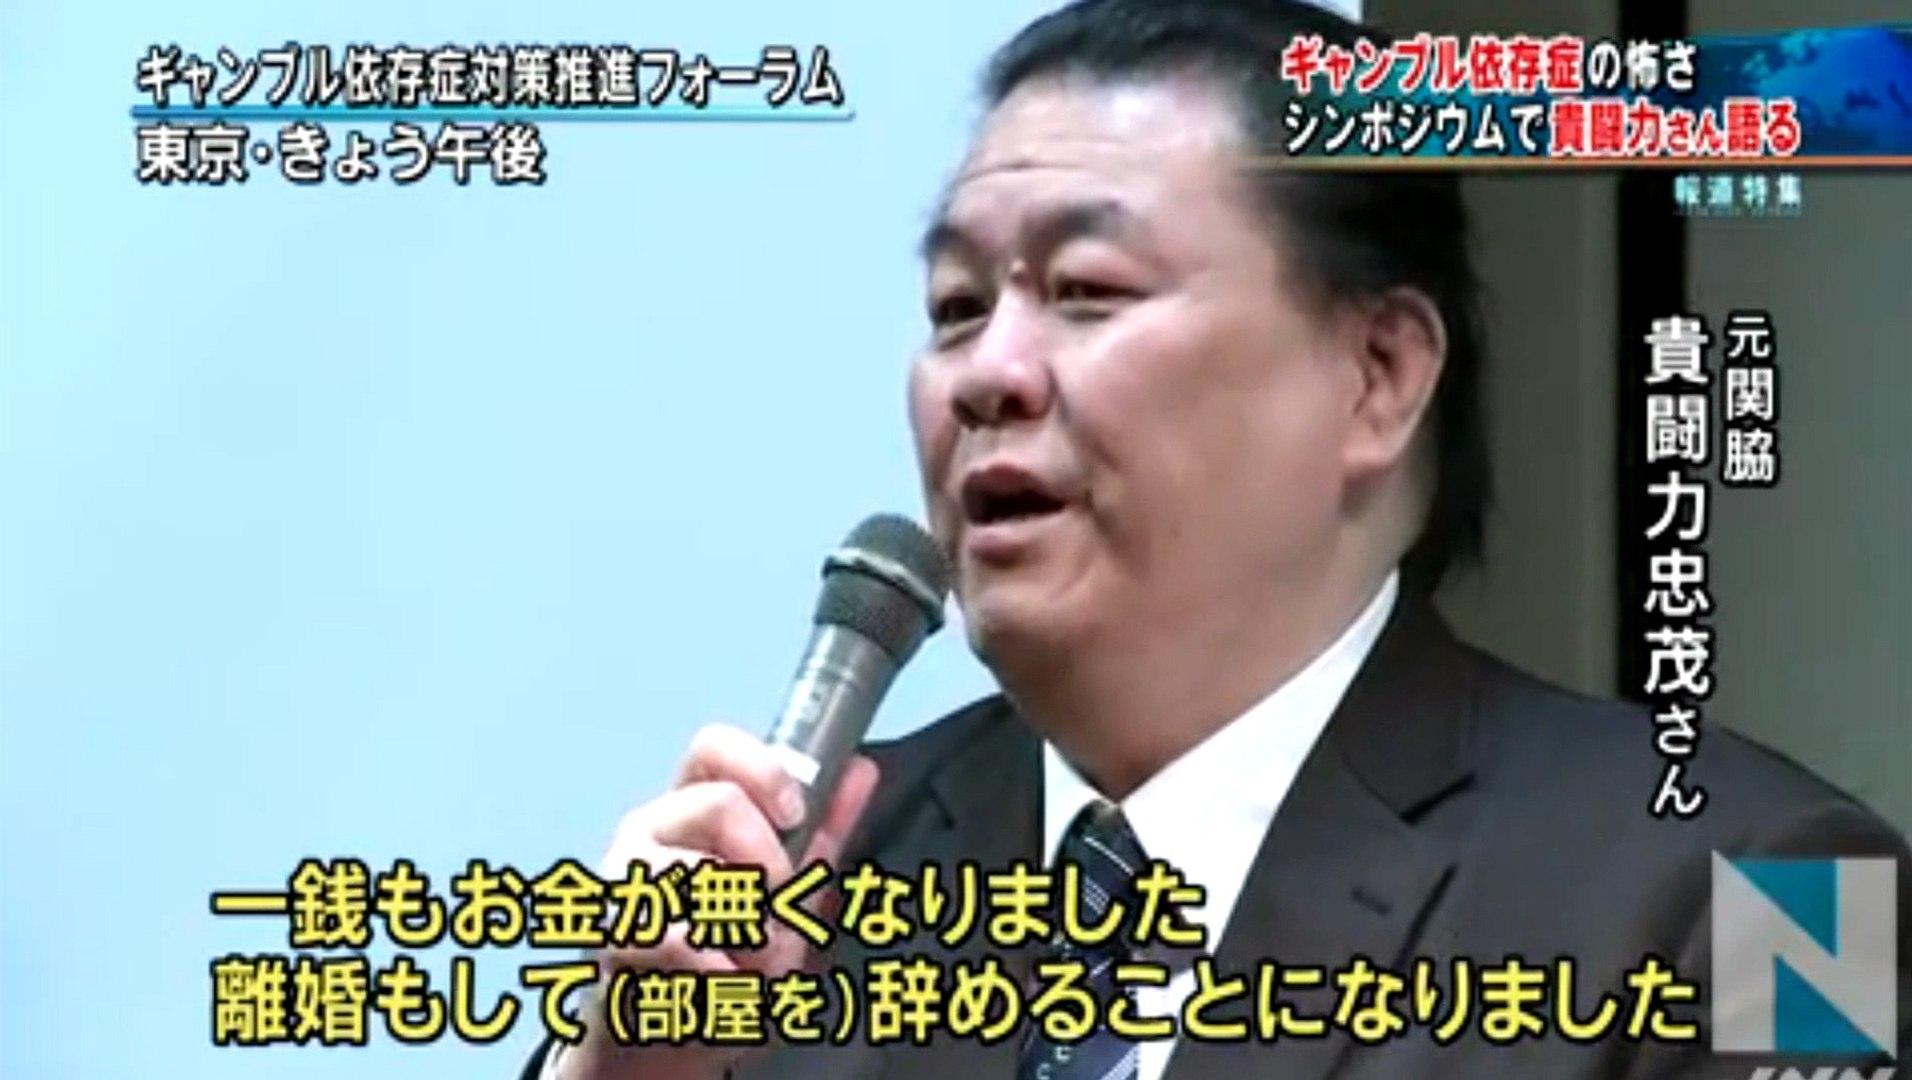 貴闘力さん、ギャンブル依存症を語る 2015年11月28日 - 動画 Dailymotion